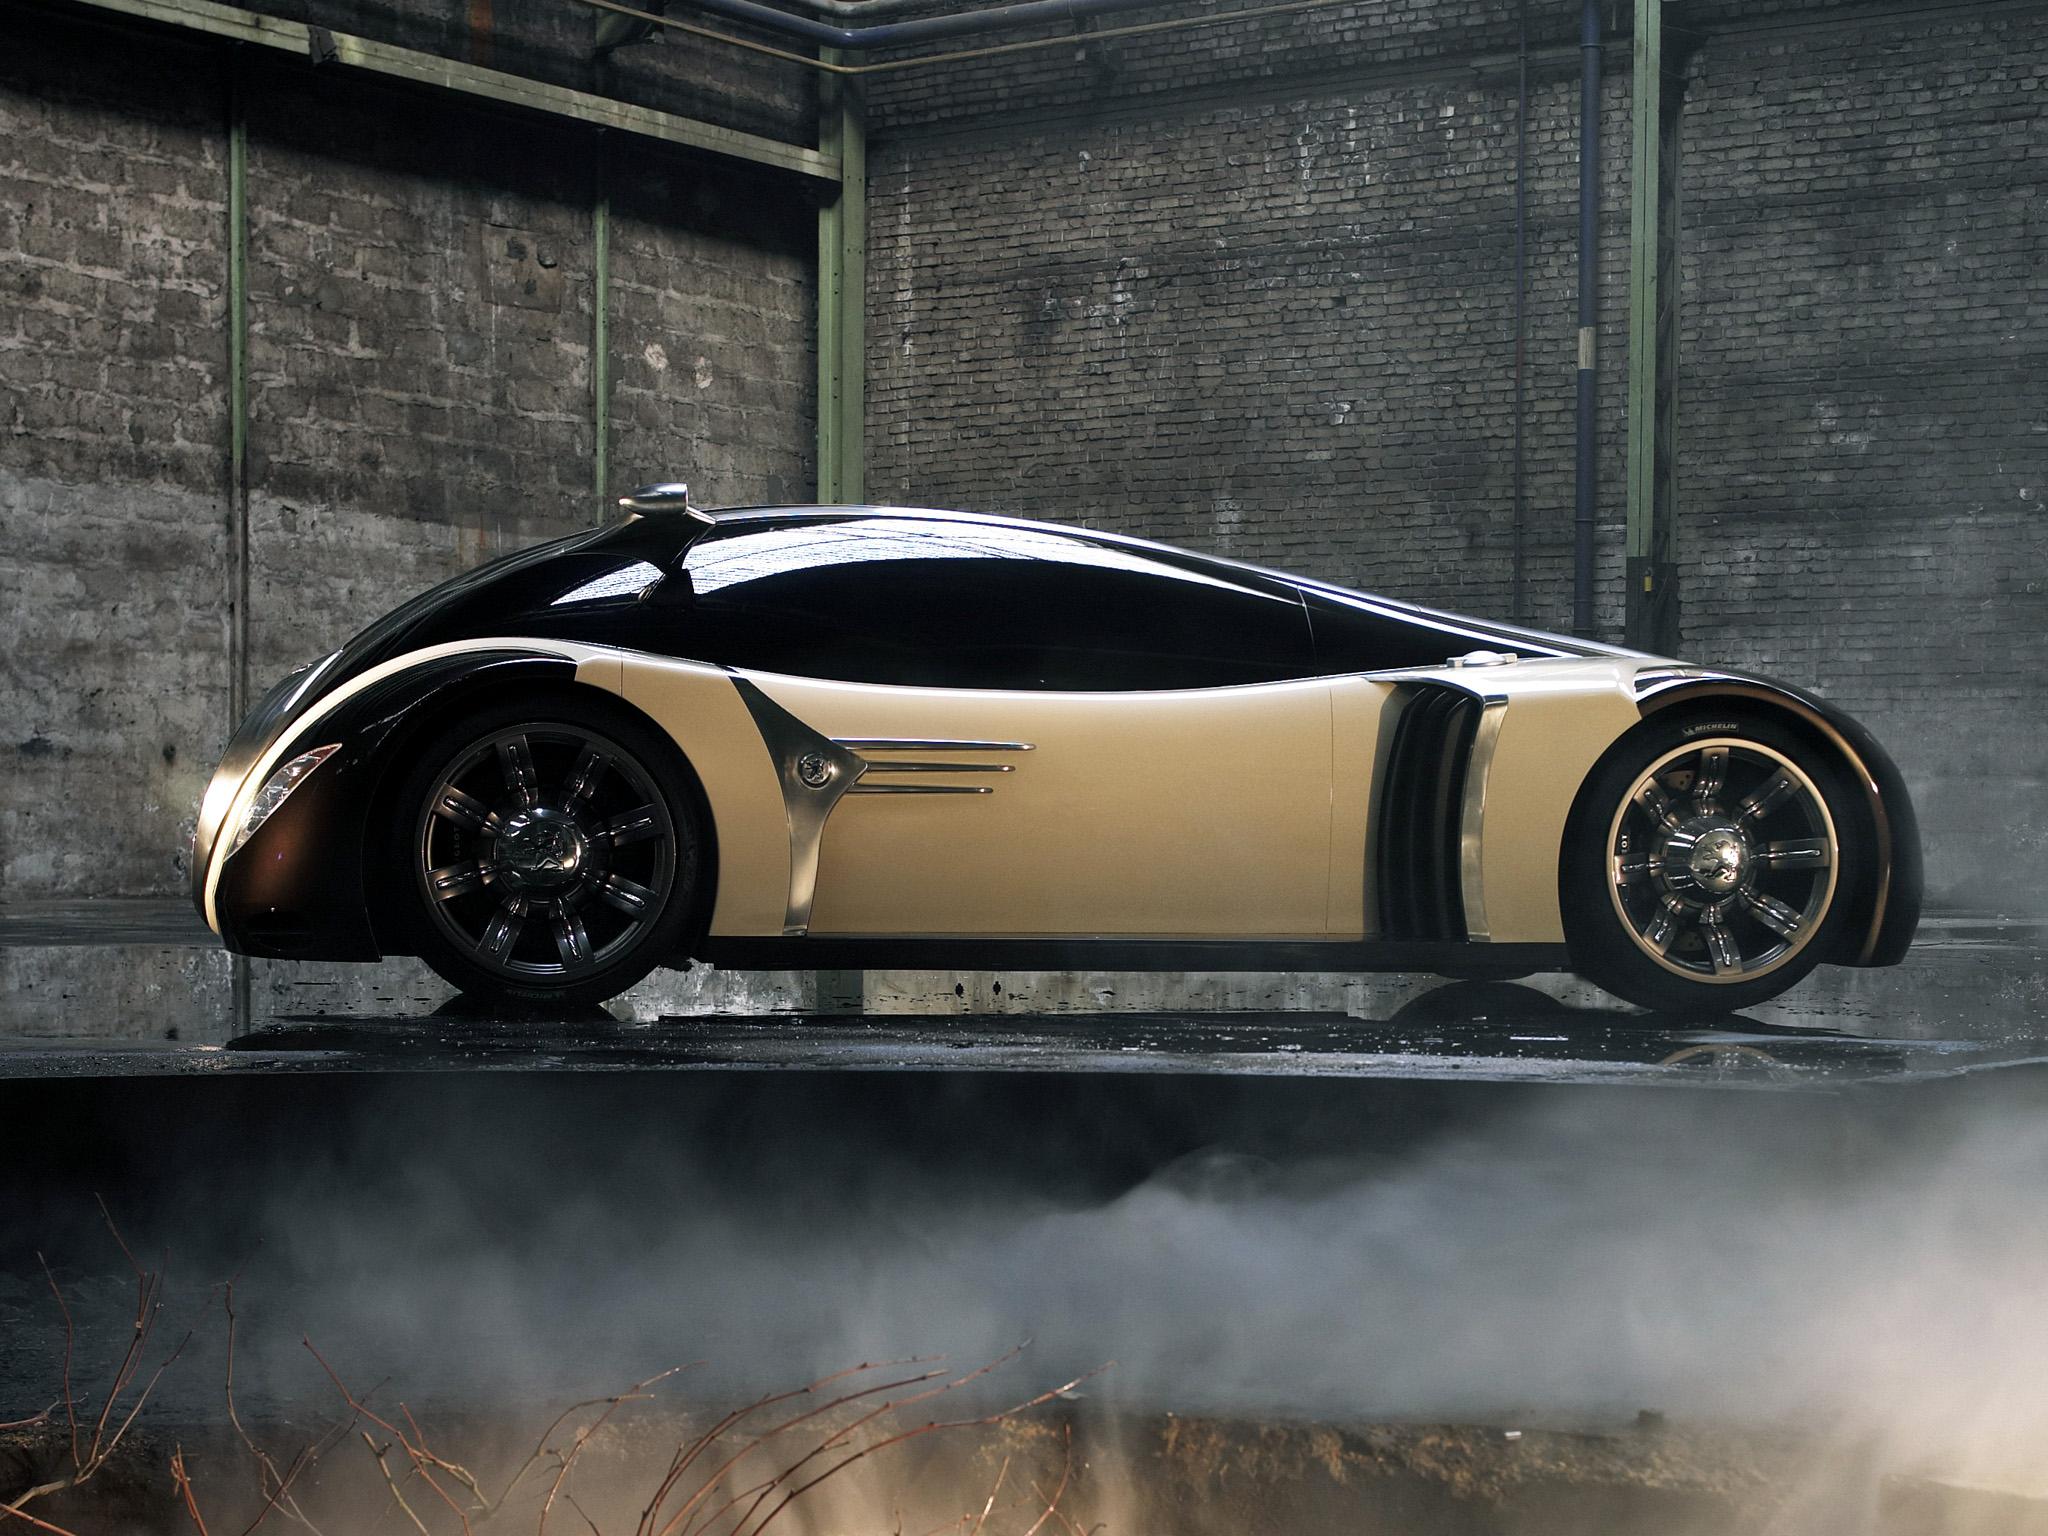 Peugeot_4002_Concept_04